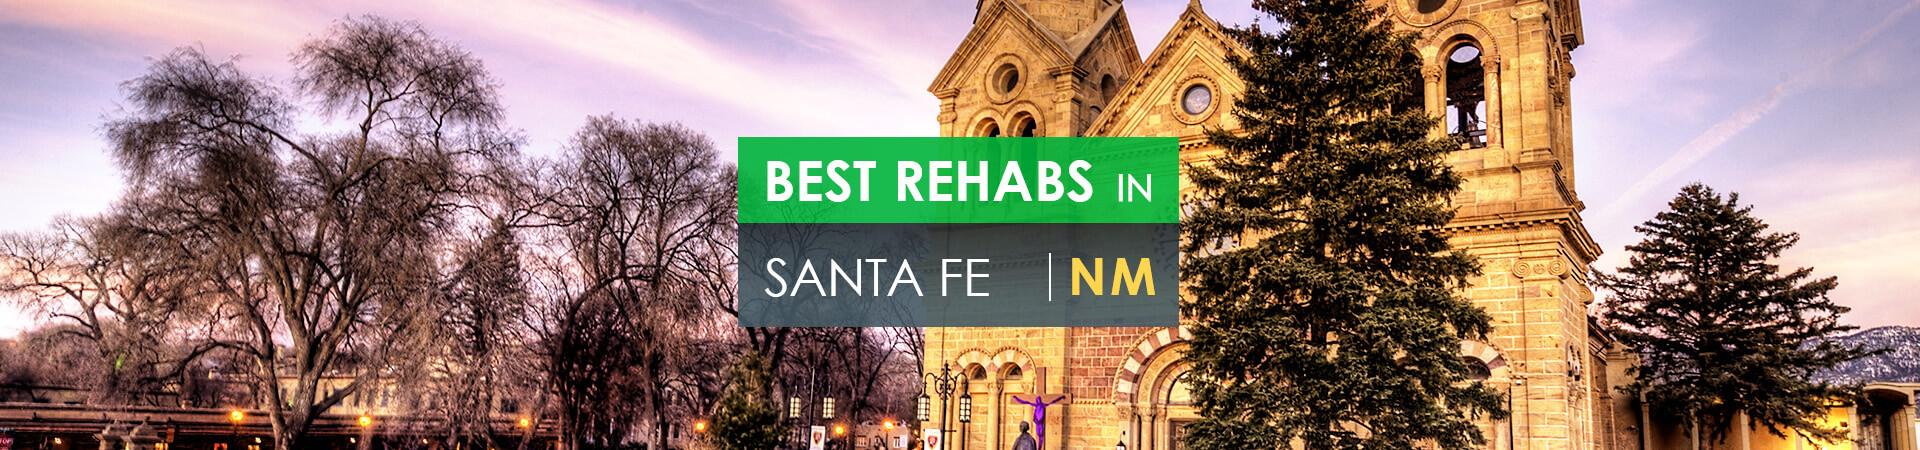 Best rehabs in Santa Fe, NM